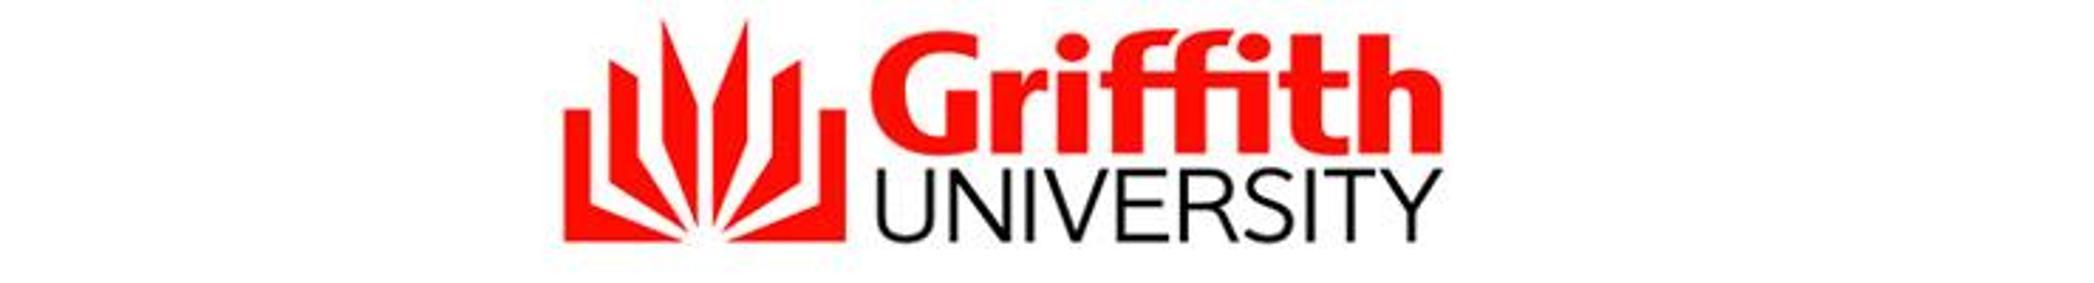 DigInPix - Entity - Griffith University